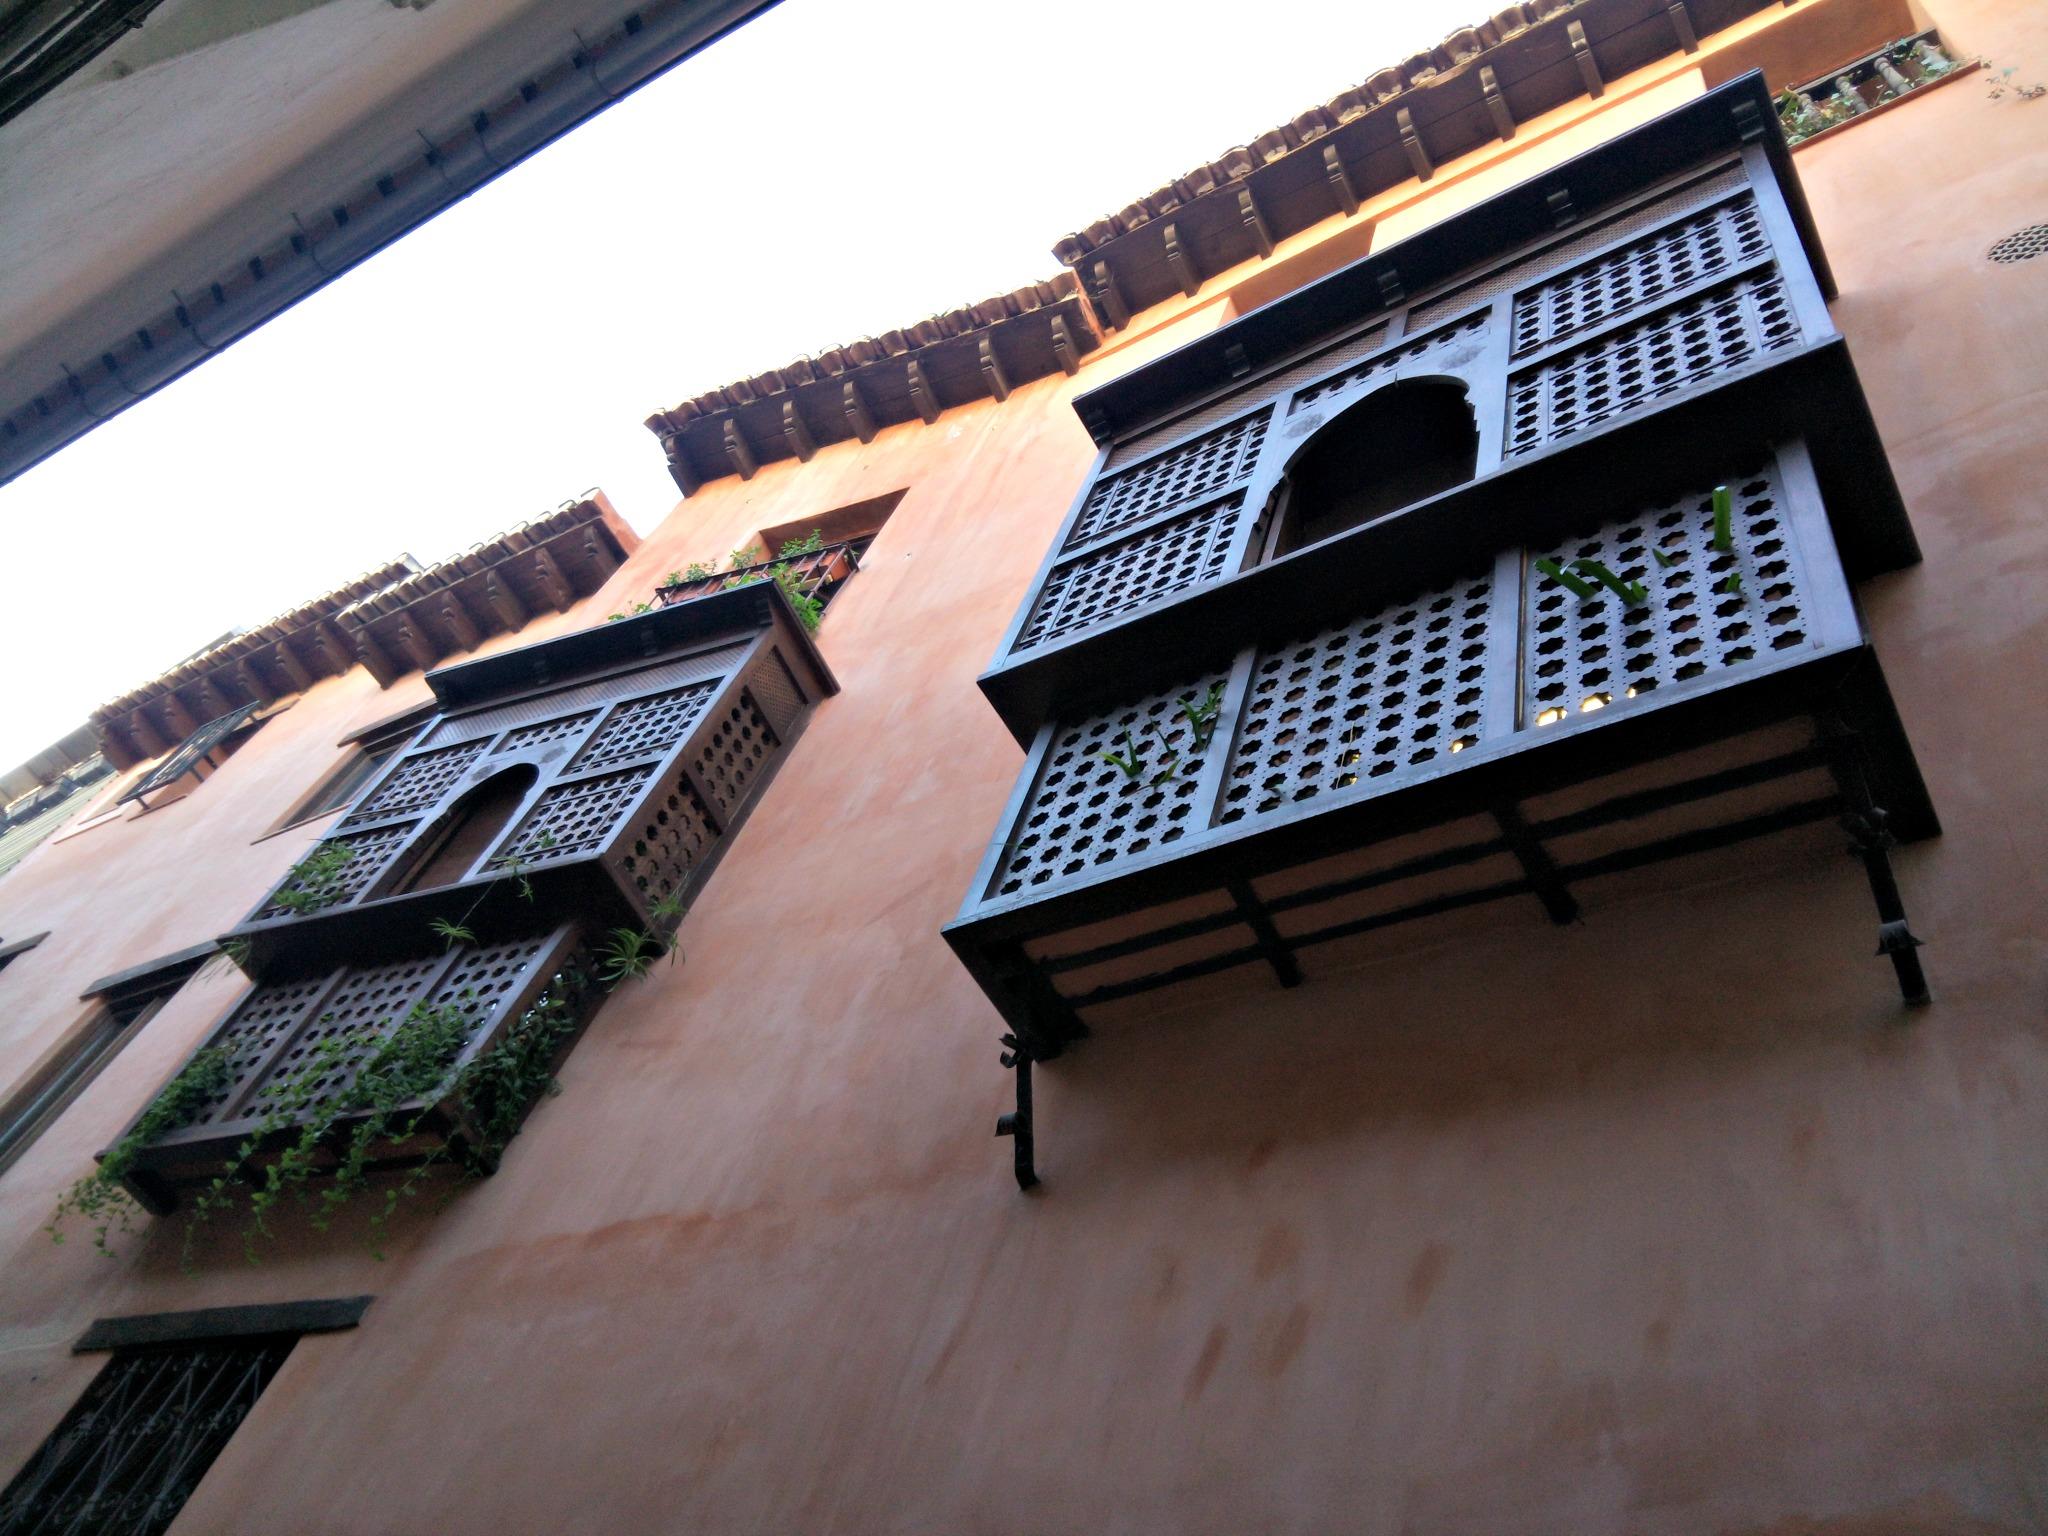 Granada unos ba os rabes propios de la alhambra meraviglia - Banos arabes hammam granada ...